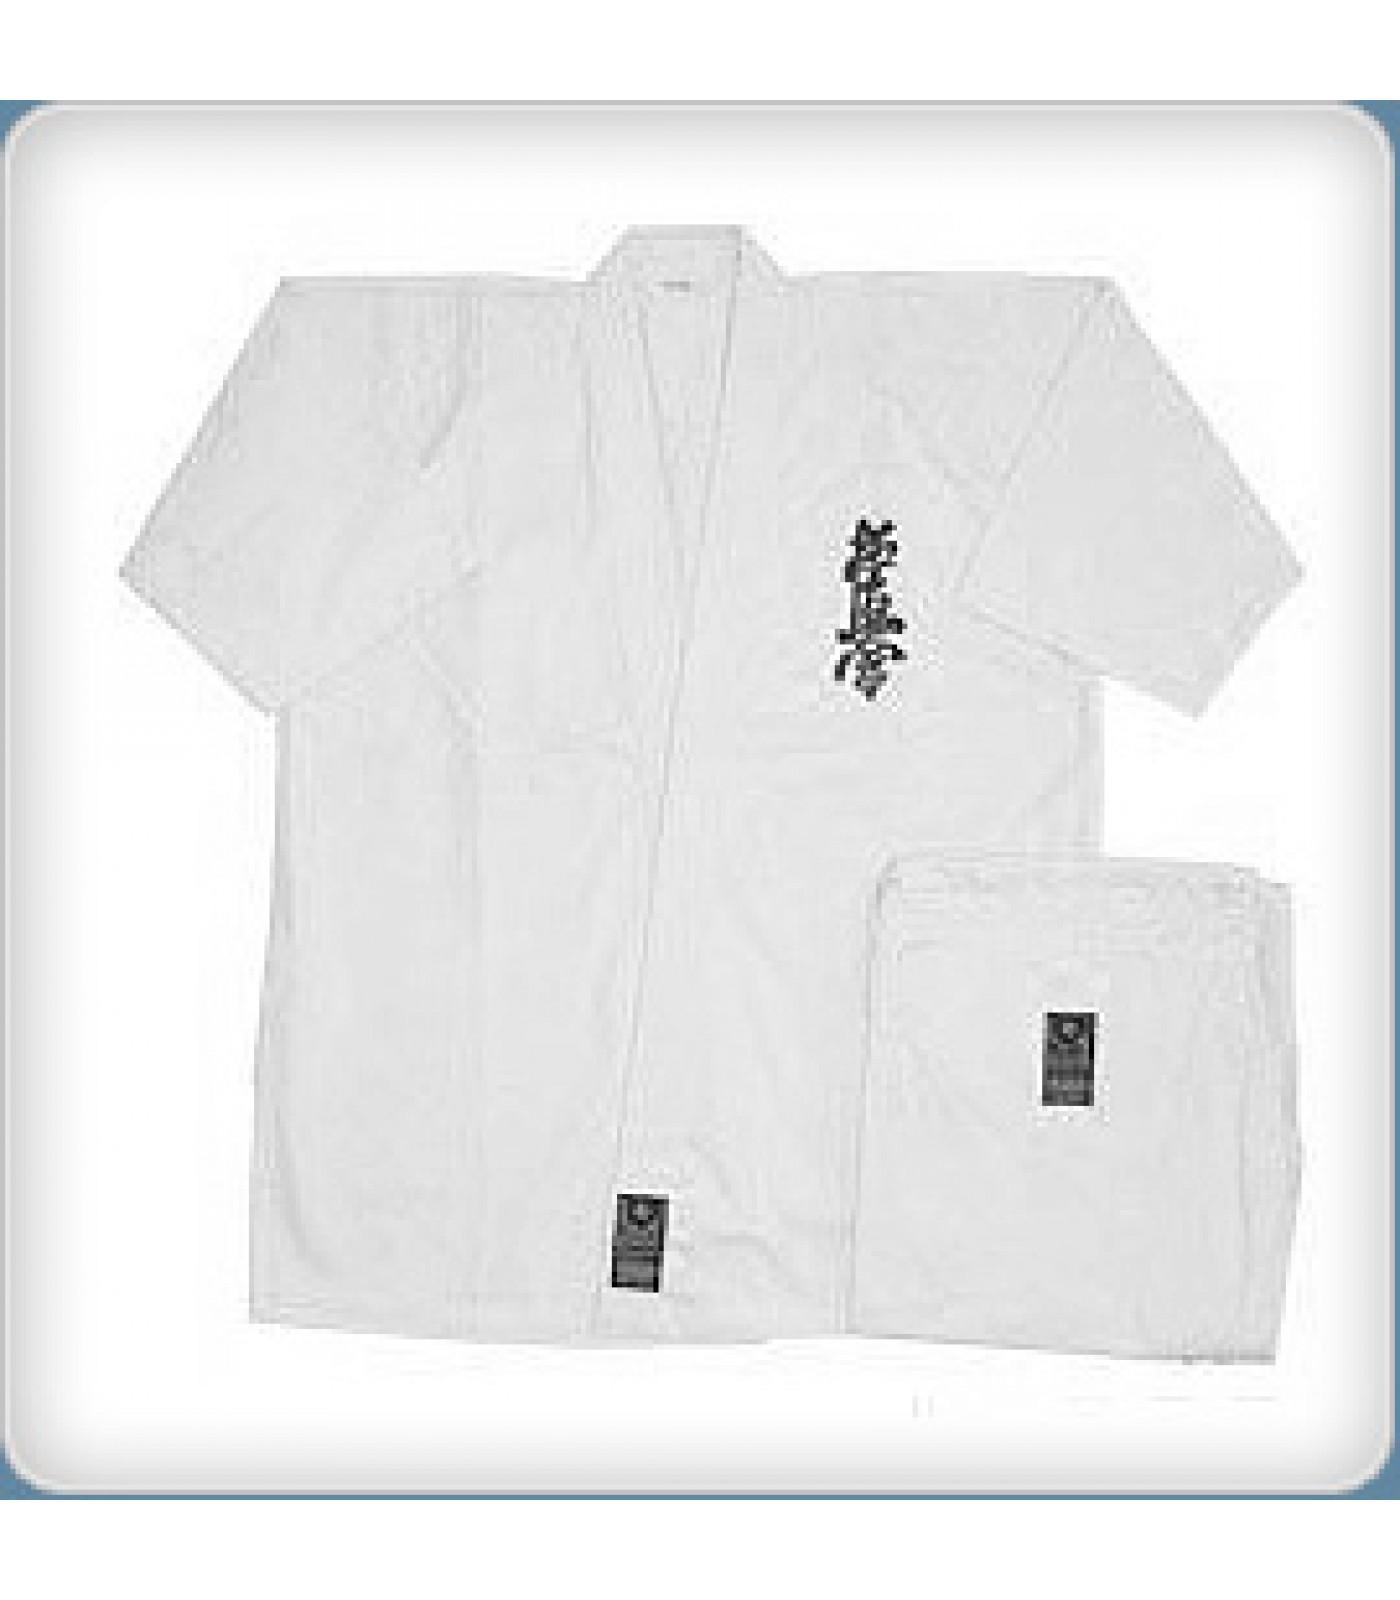 EON Sport - Карате киокушинкай кимоно - 150см.